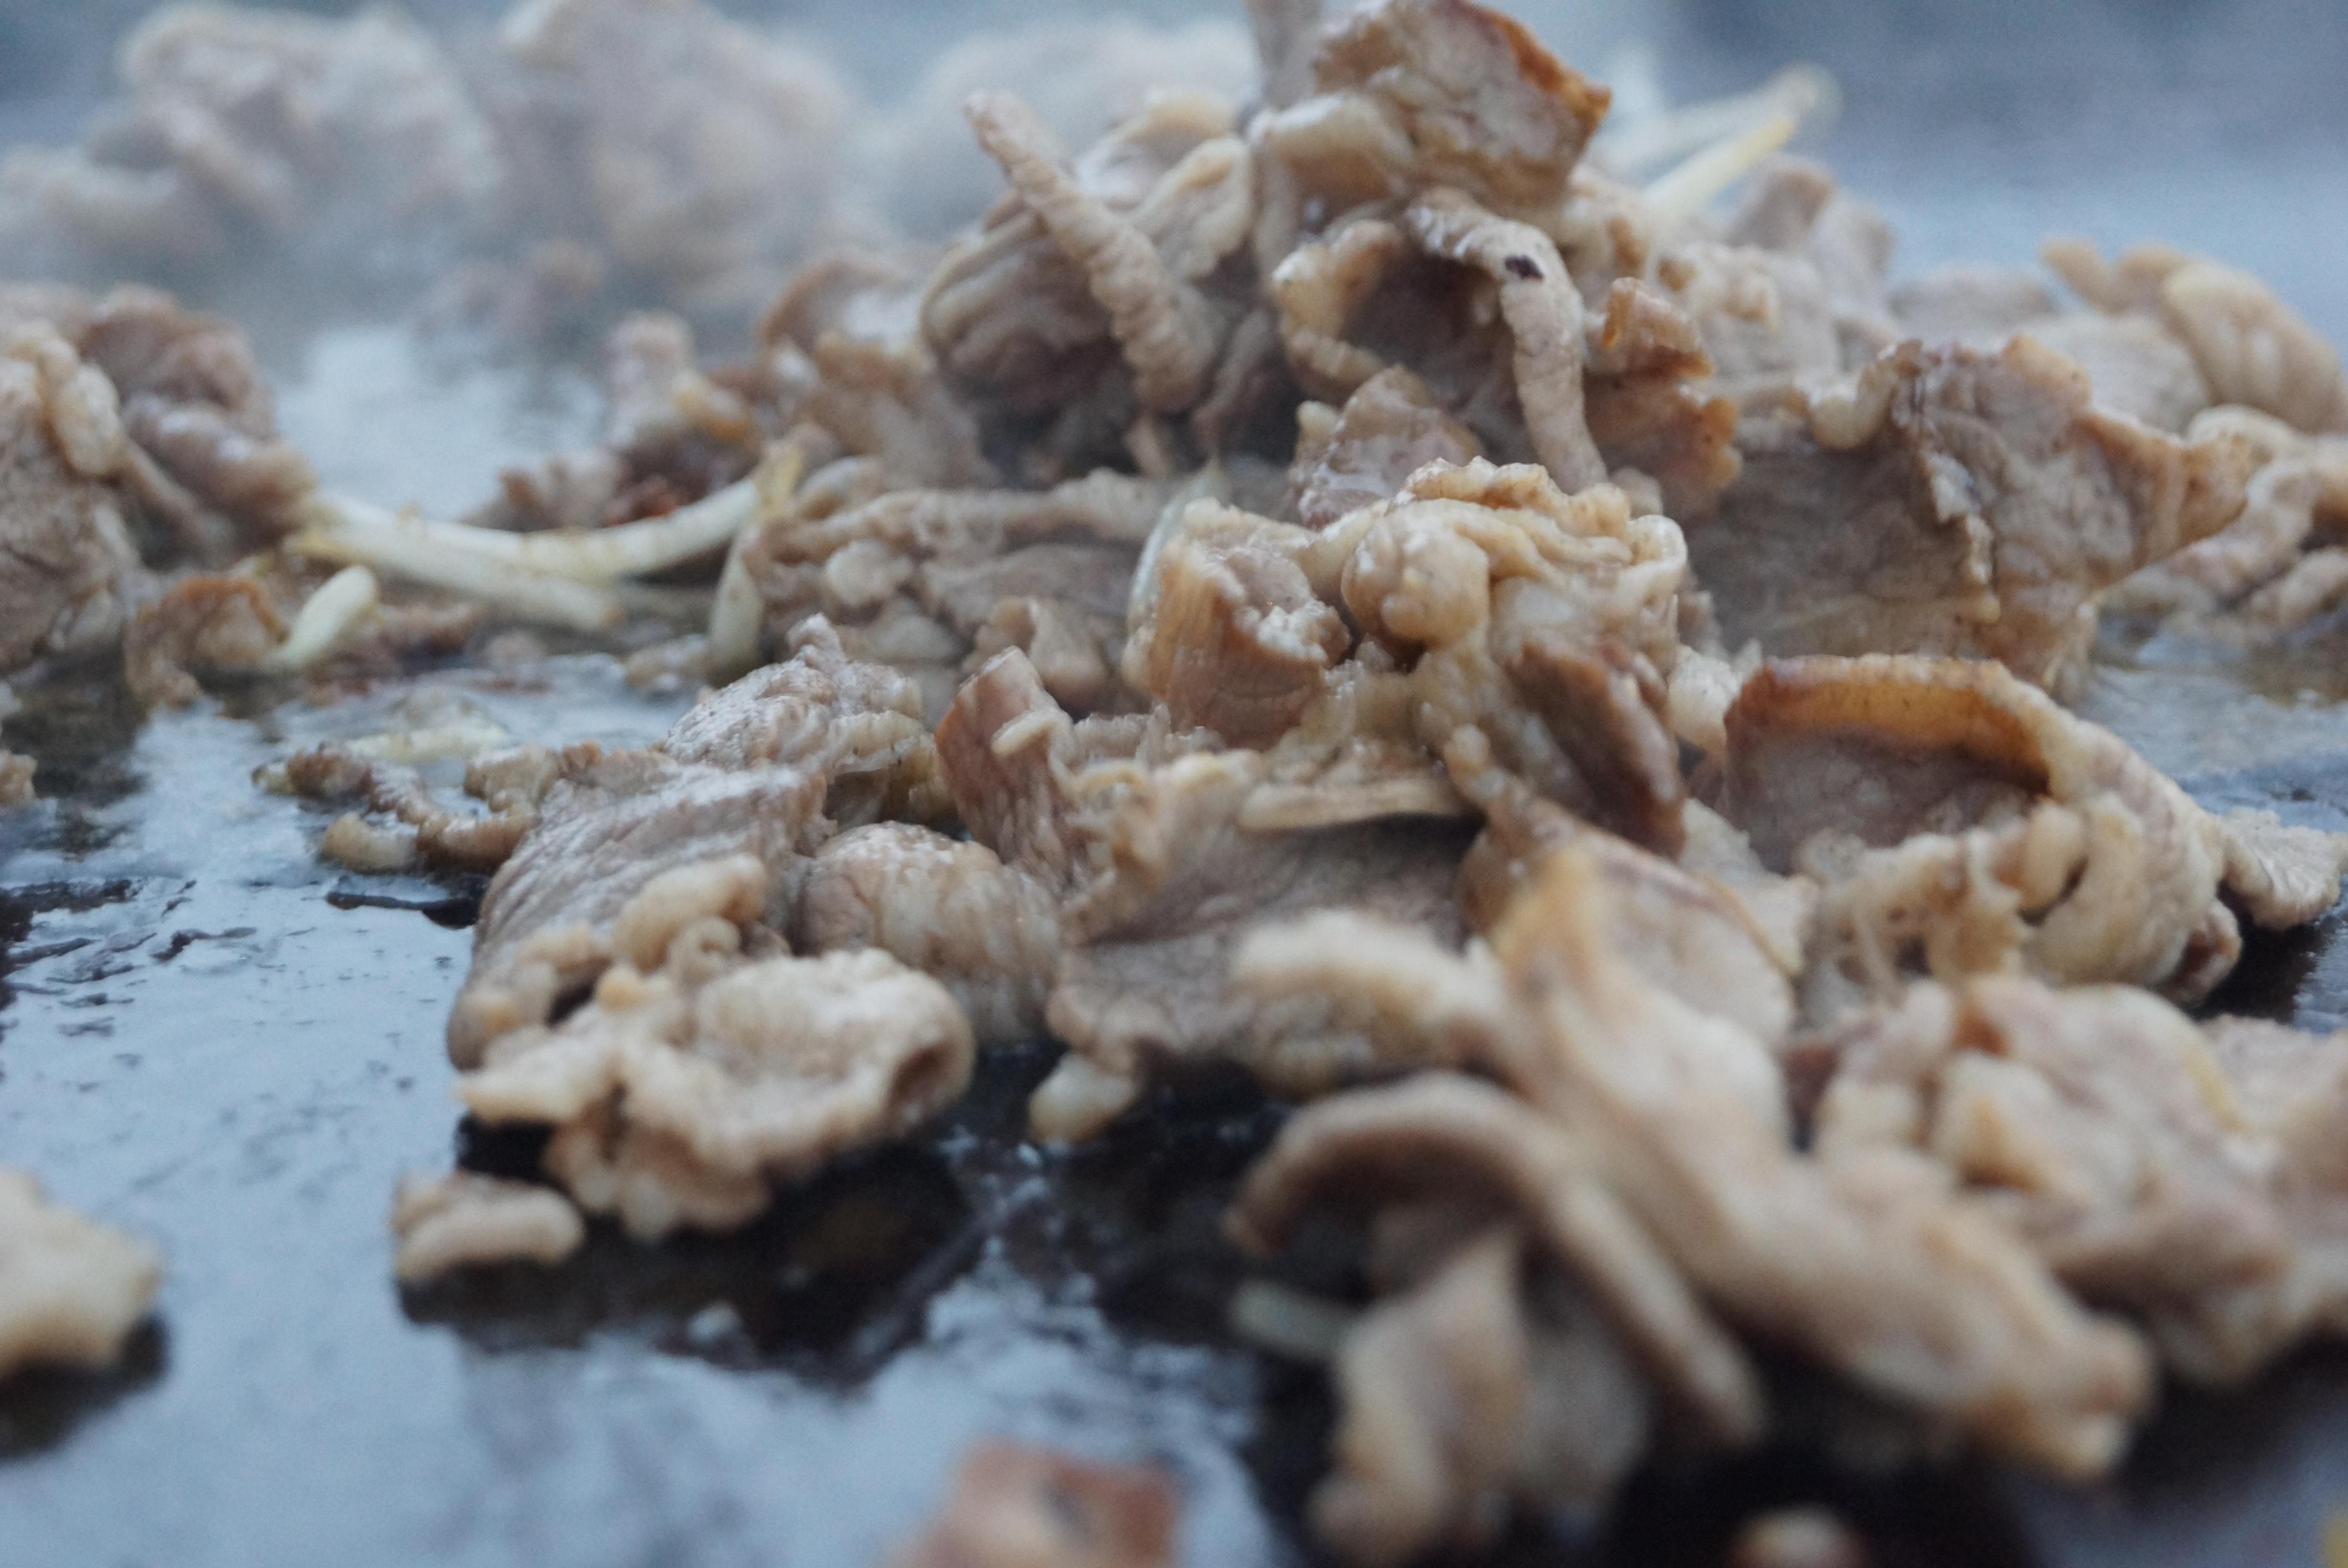 バーベキューの鉄板の上で焼かれている肉